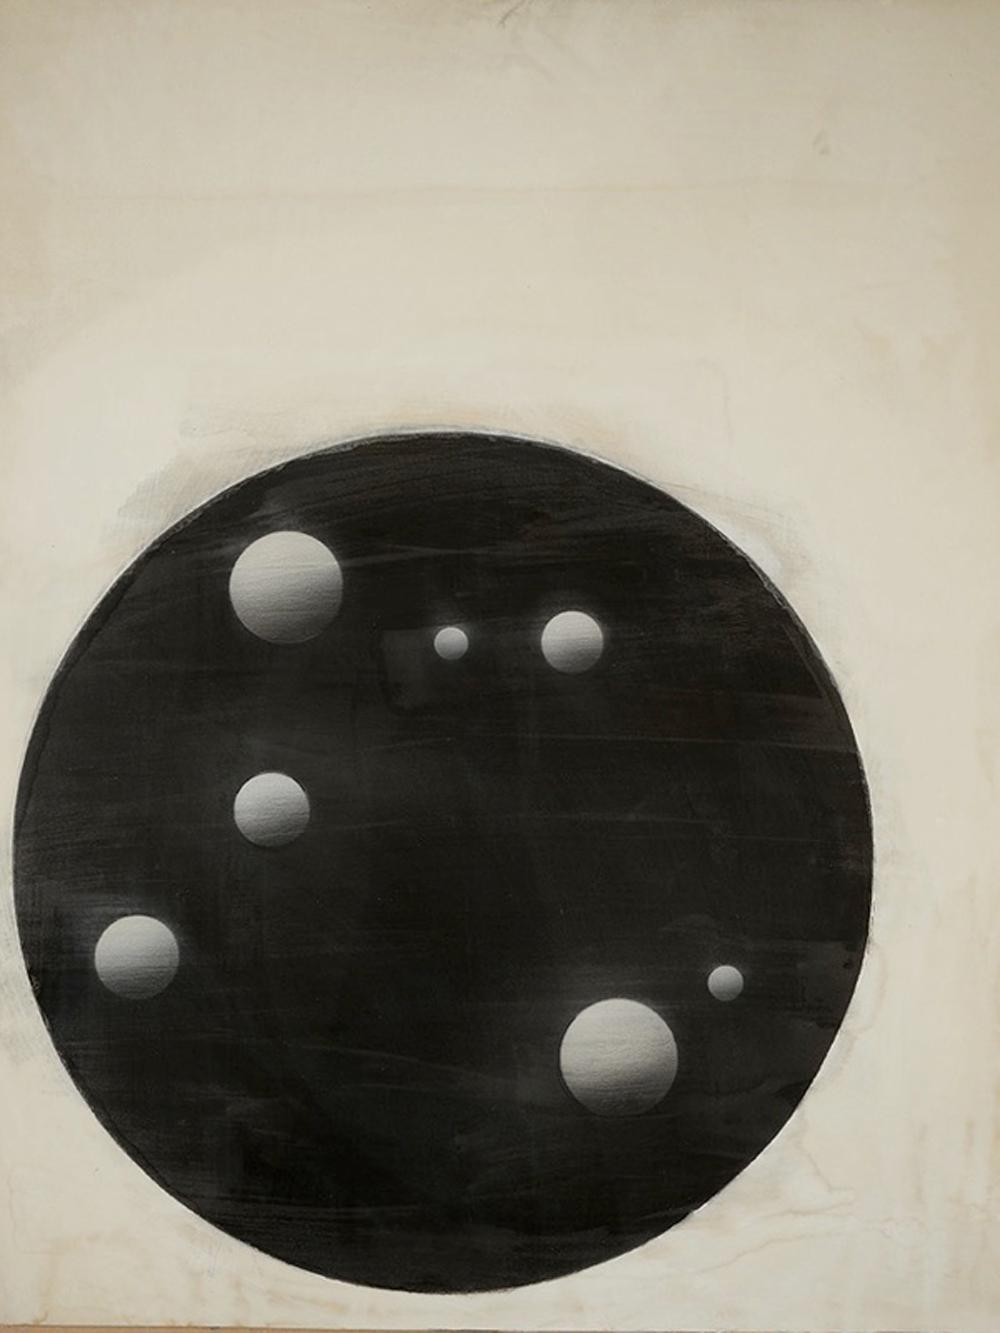 Senza titolo, 2014, gesso e tempera su tavola, cm 104,5x84